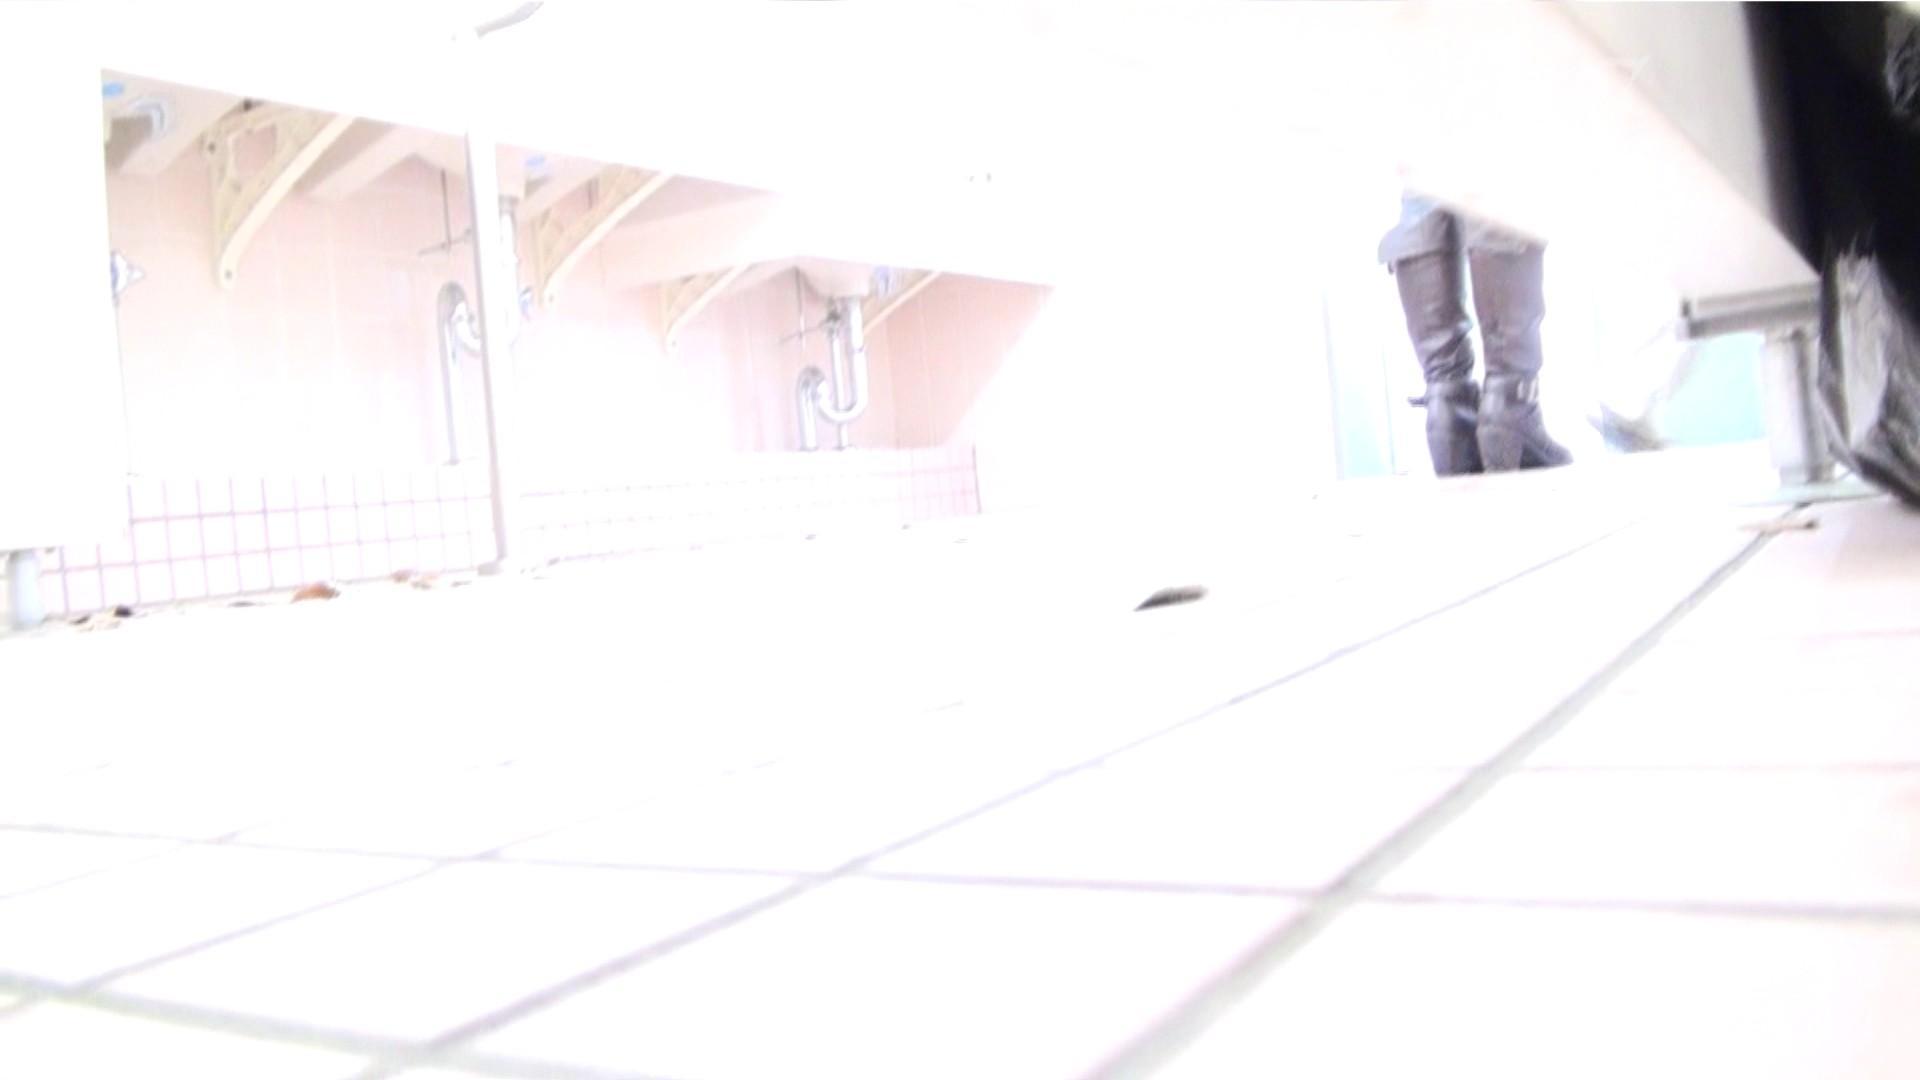 販売 至高下半身盗撮 プレミアム Vol.17 ハイビジョン 盗撮  105pic 60